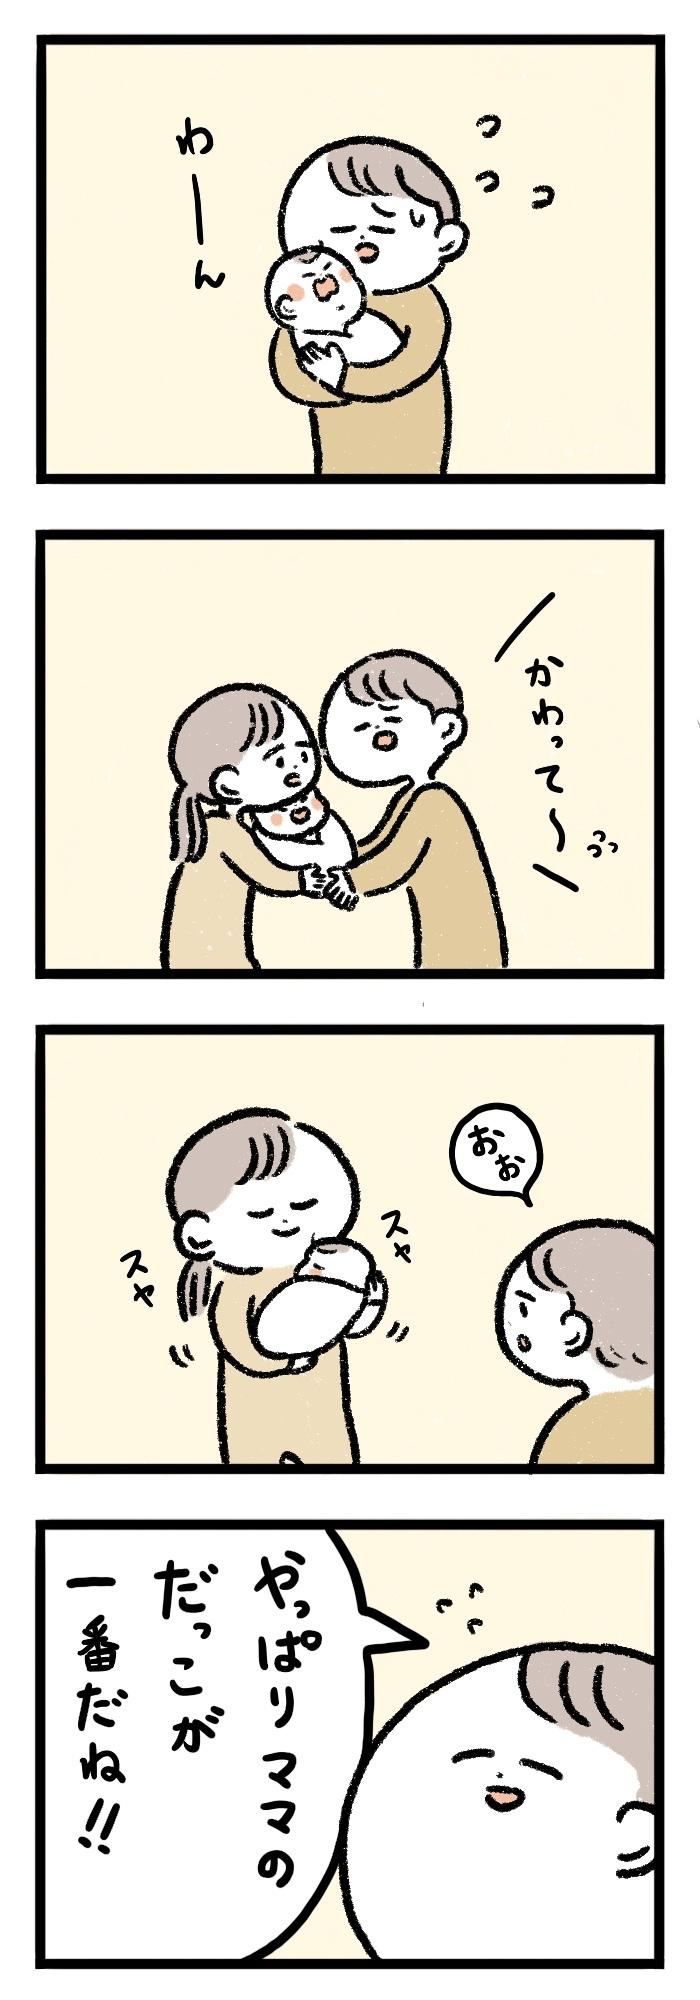 「俺にもおっぱいがあれば…」抱っこで寝かしつけを頑張る夫が、頼もしい。の画像1